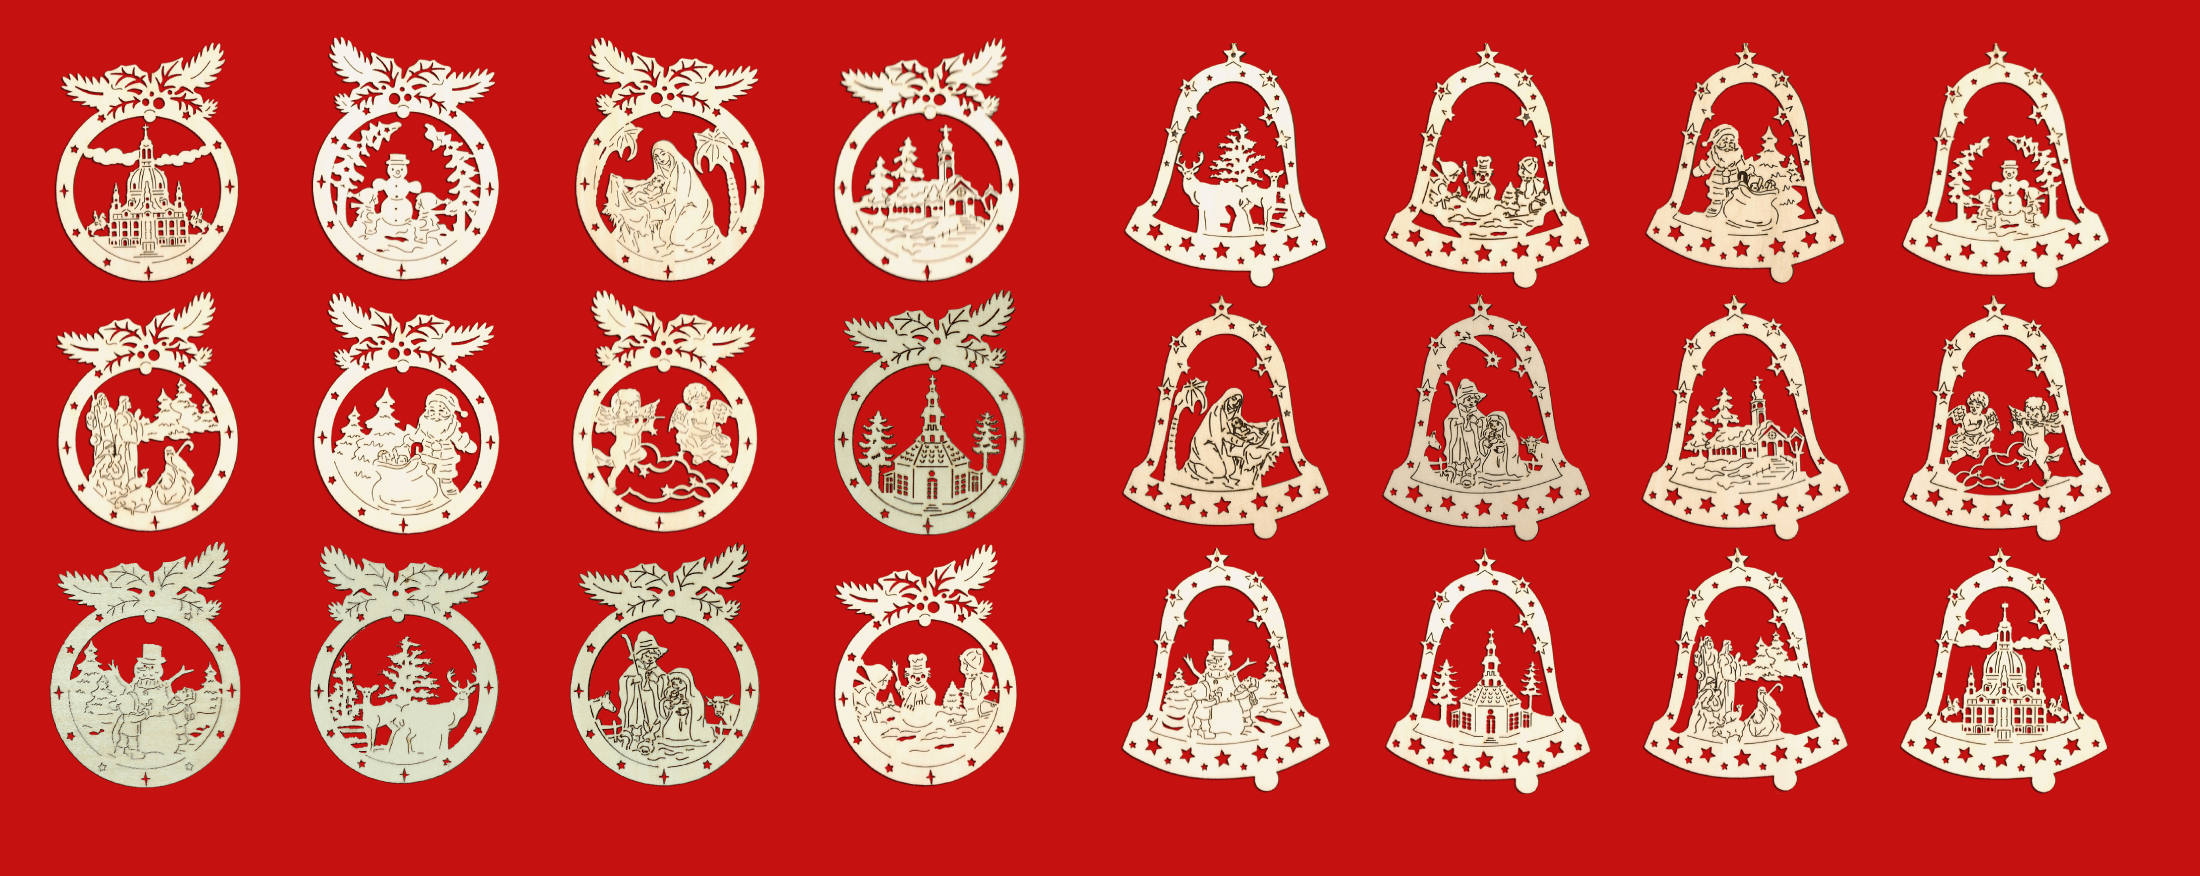 Weihnachtsbaumschmuck aus Holz - 24 verschiedene Motive